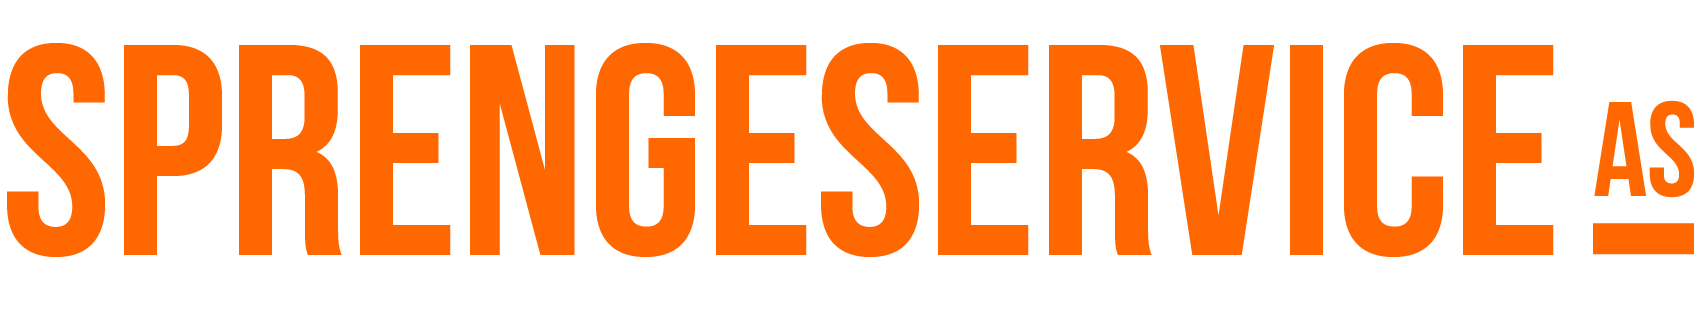 Sprengeservice logo liggende